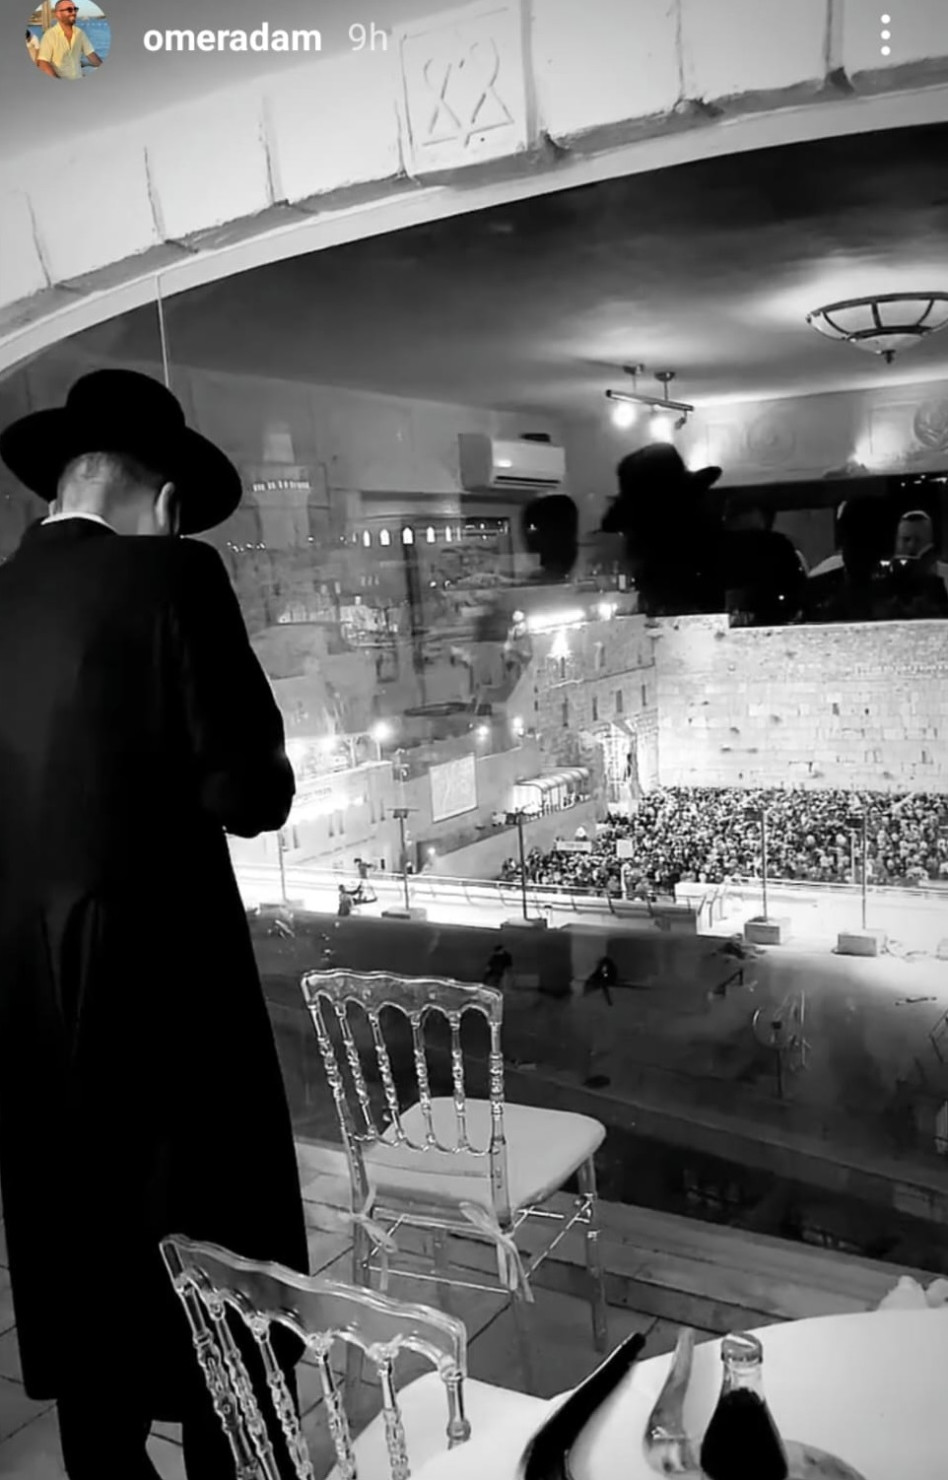 עומר אדם (צילום: באדיבות איציק אוחנה ו'הרבנית של האינסטגרם')